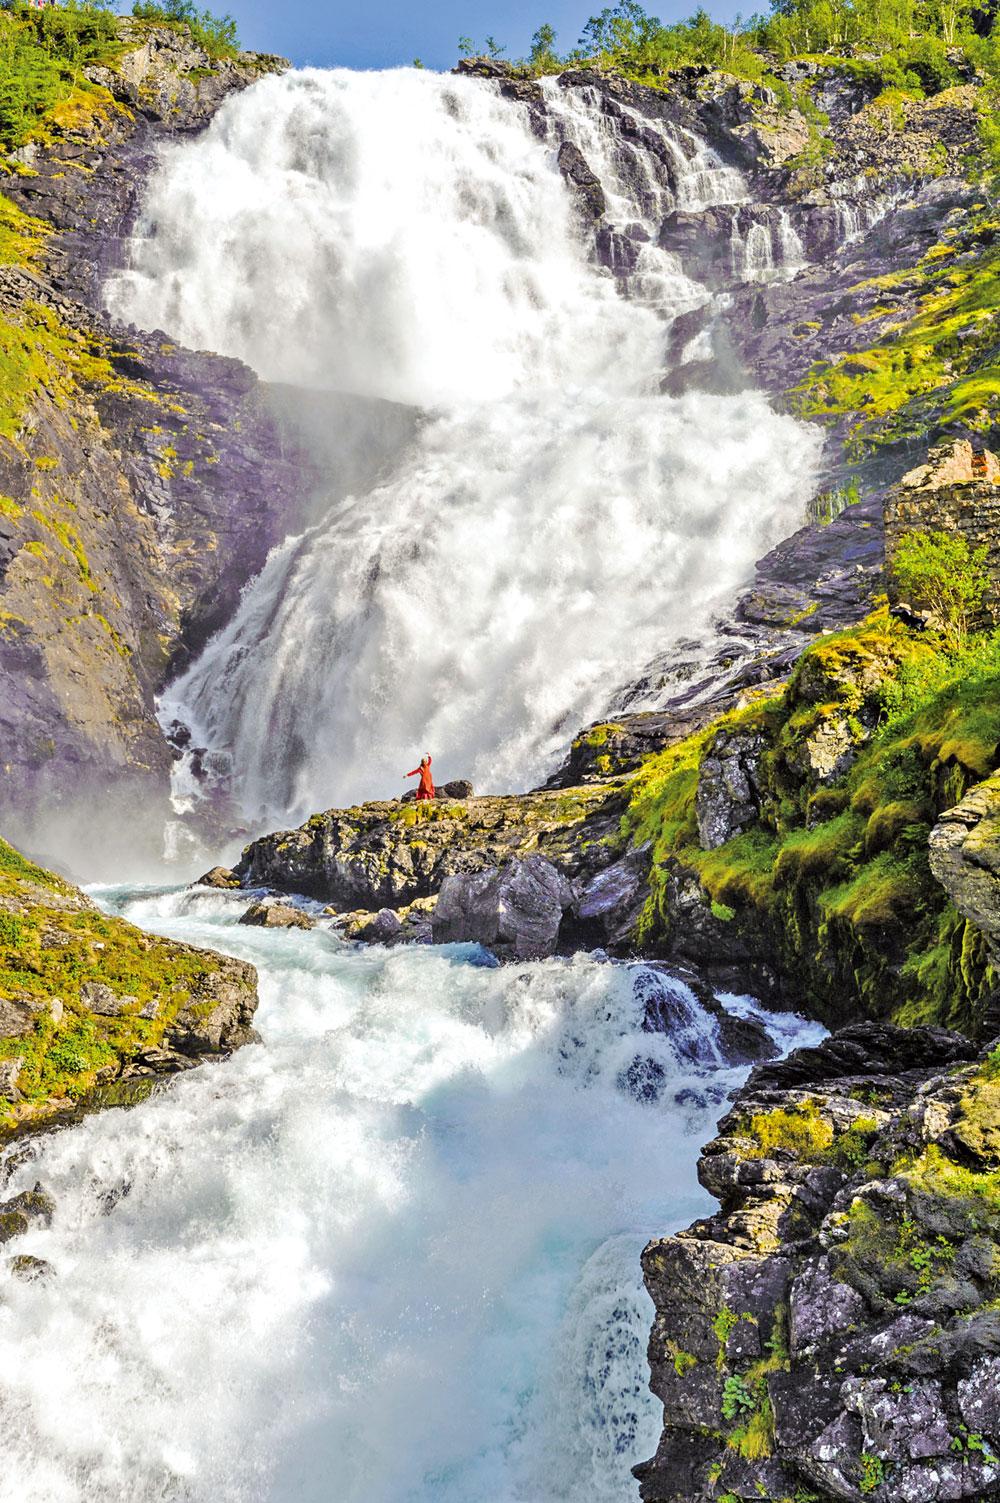 挪威的肖斯瀑布。(Fotolia)